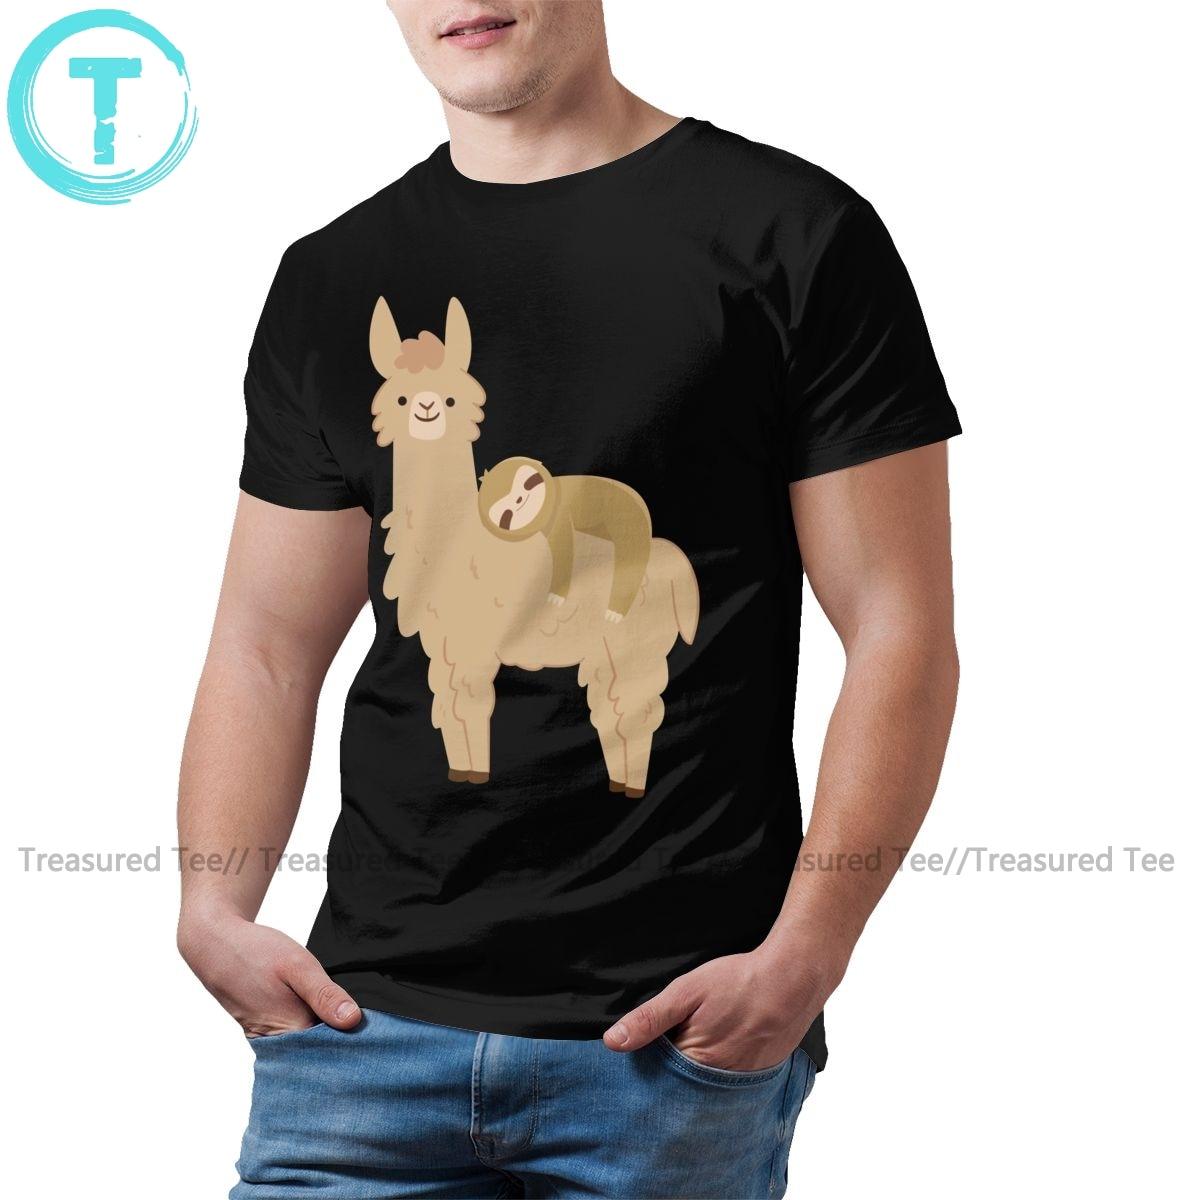 Llama t camisa adorável preguiça relaxante camiseta 100 por cento algodão dos homens camiseta xxx bonito gráfico casual tshirt